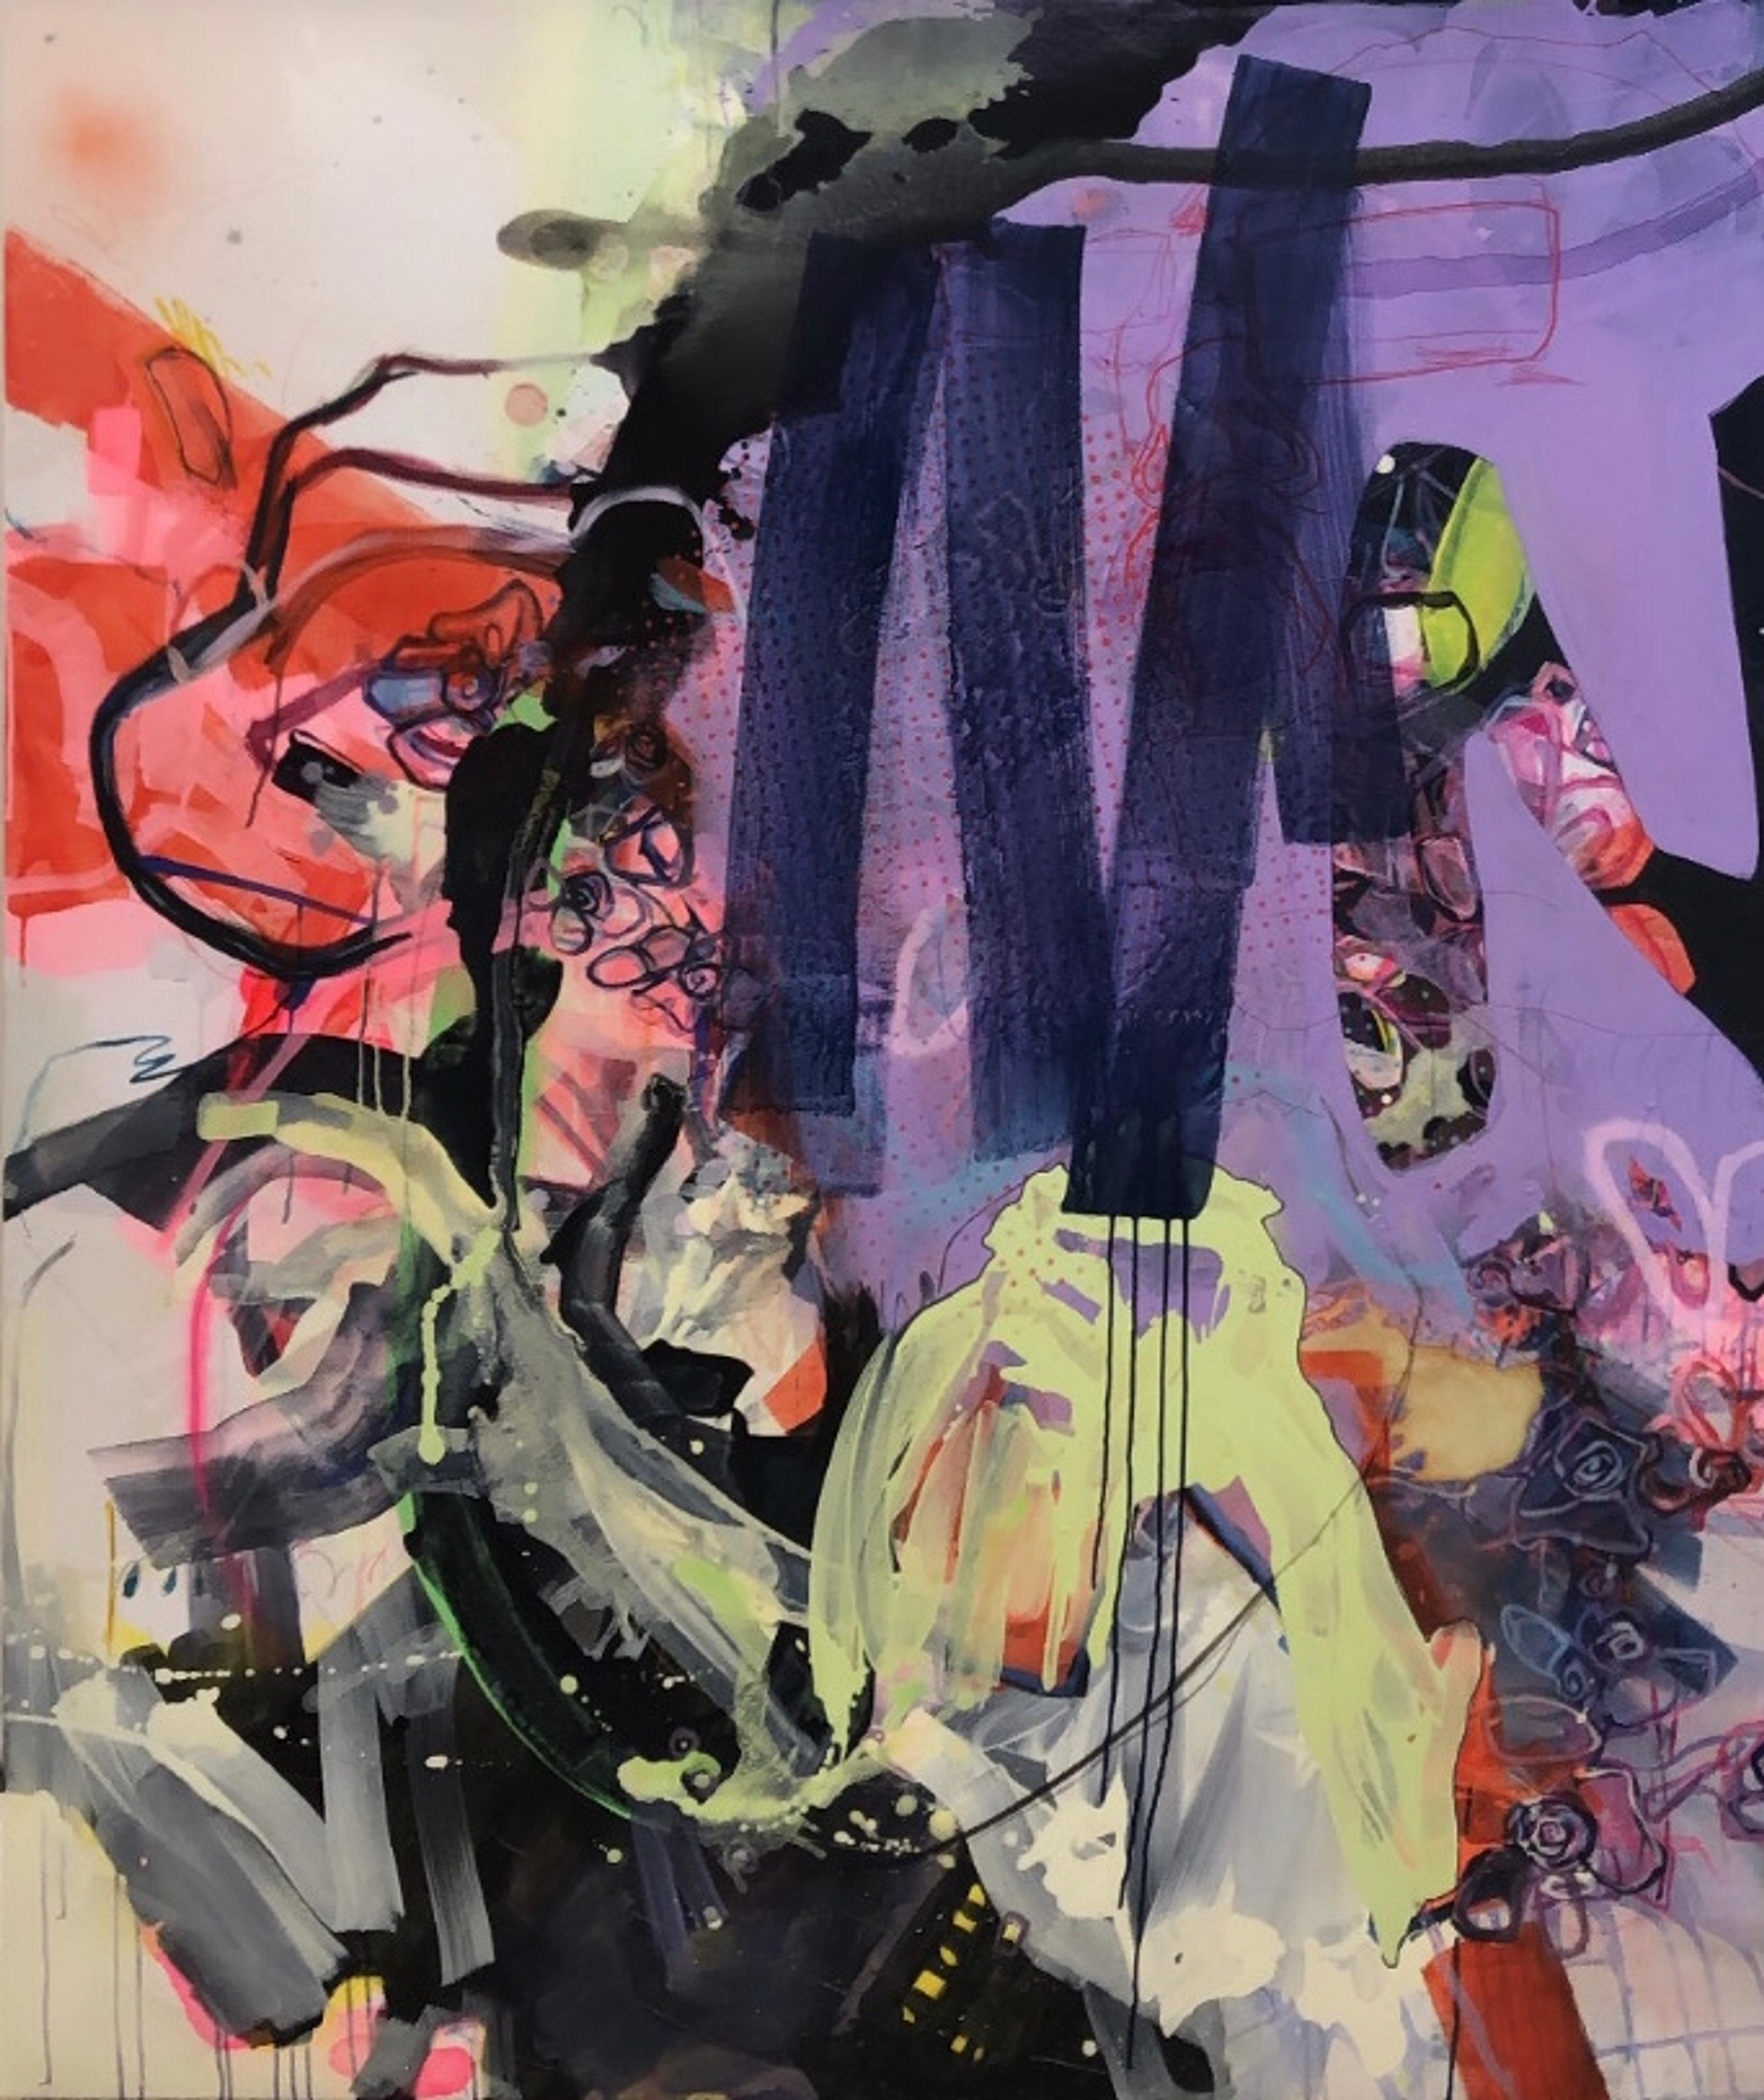 artwork no more by Joséphine Sagna